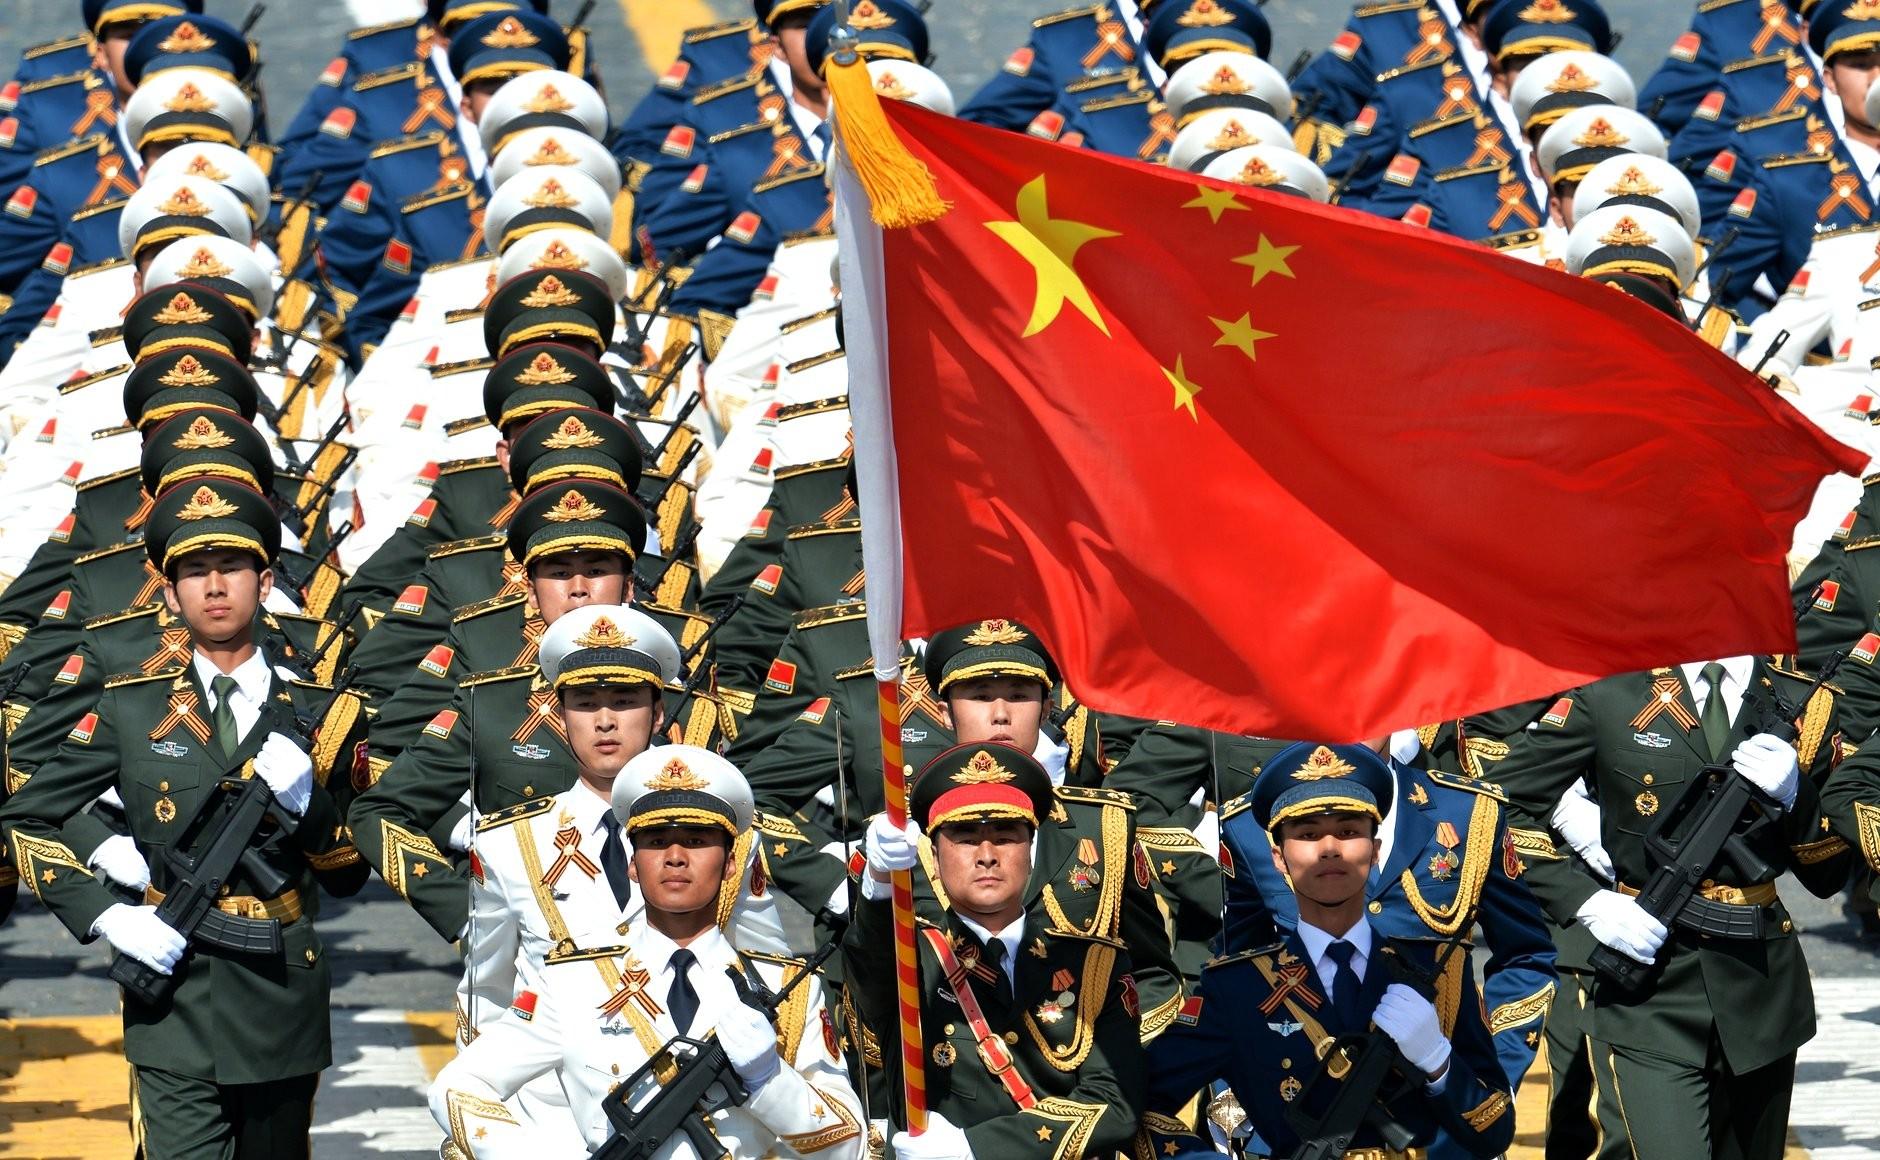 Desfile das Forças Armadas da China (Foto: Wikimedia Commons)